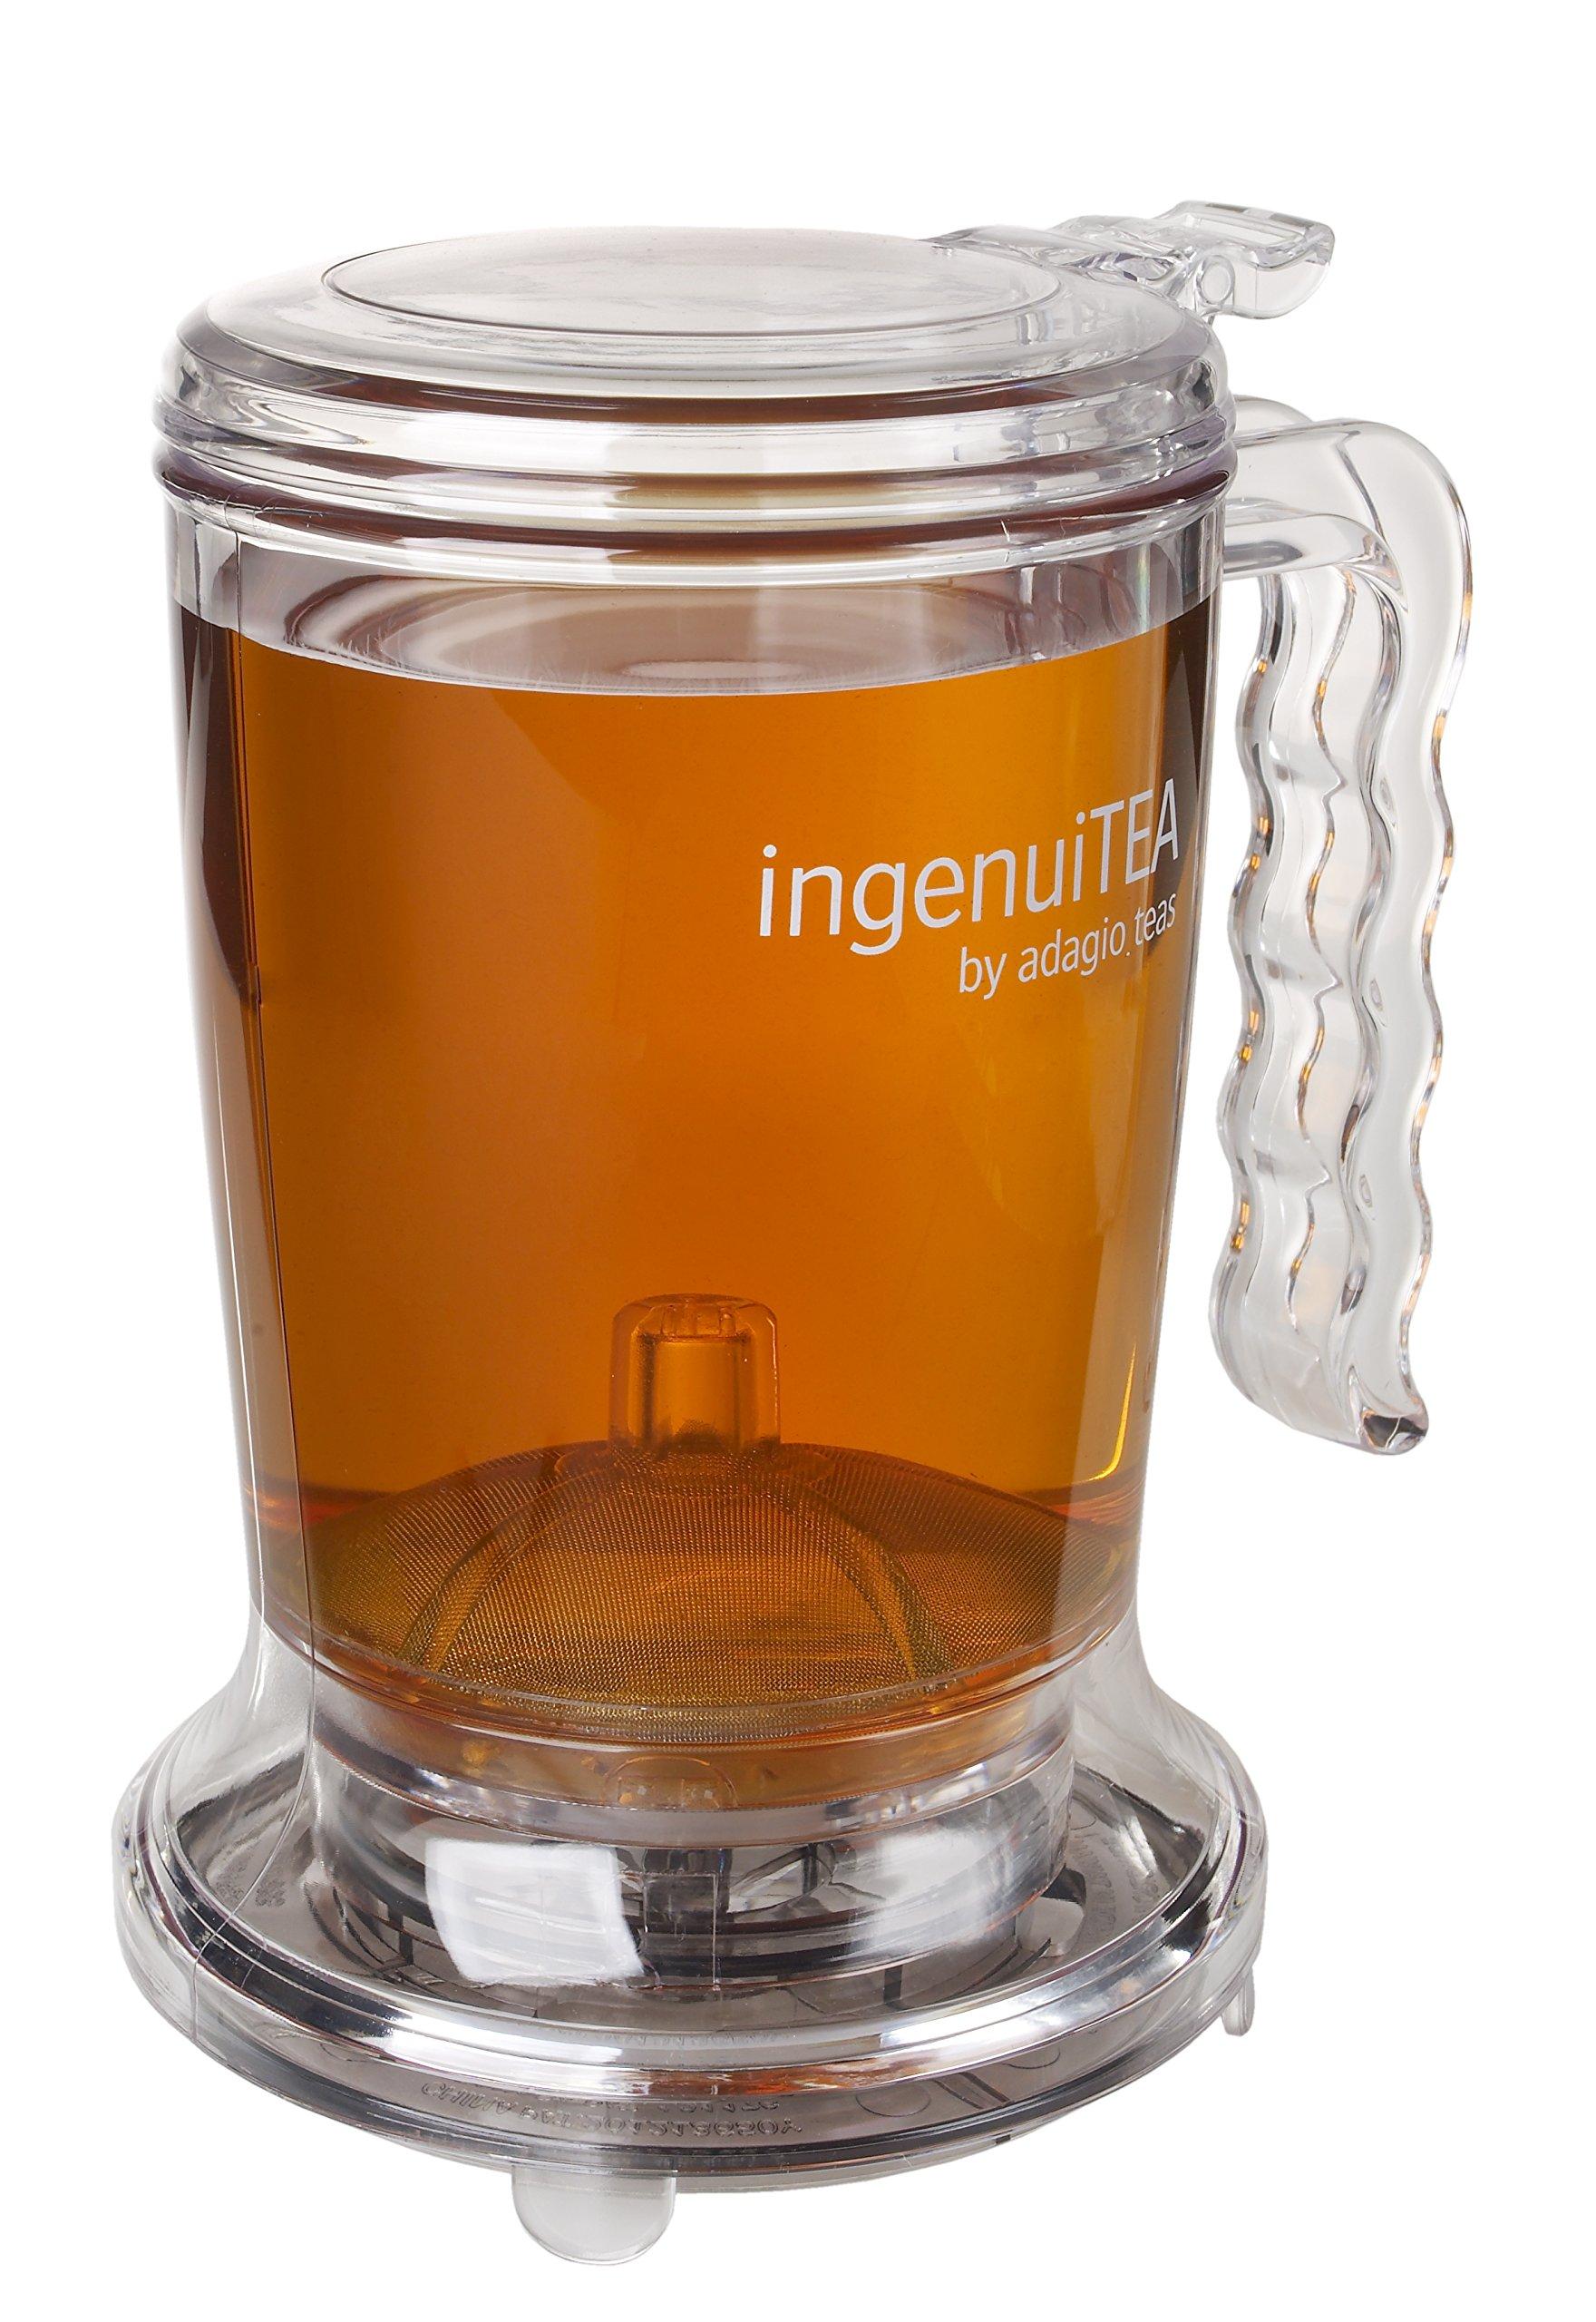 Adagio Teas 16 oz. ingenuiTEA Bottom-Dispensing Teapot by Adagio Teas